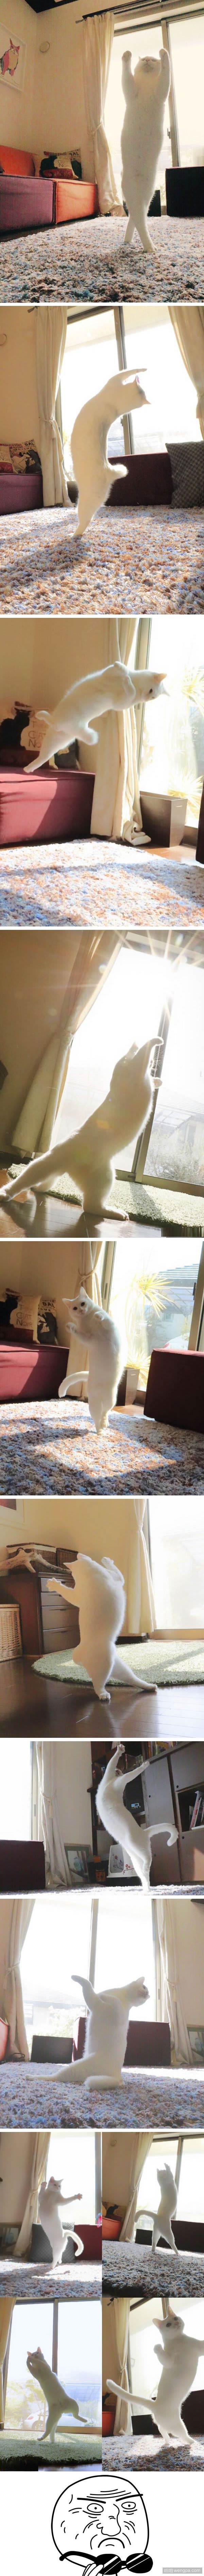 芭蕾舞猫独自在家练习舞步,没毛病